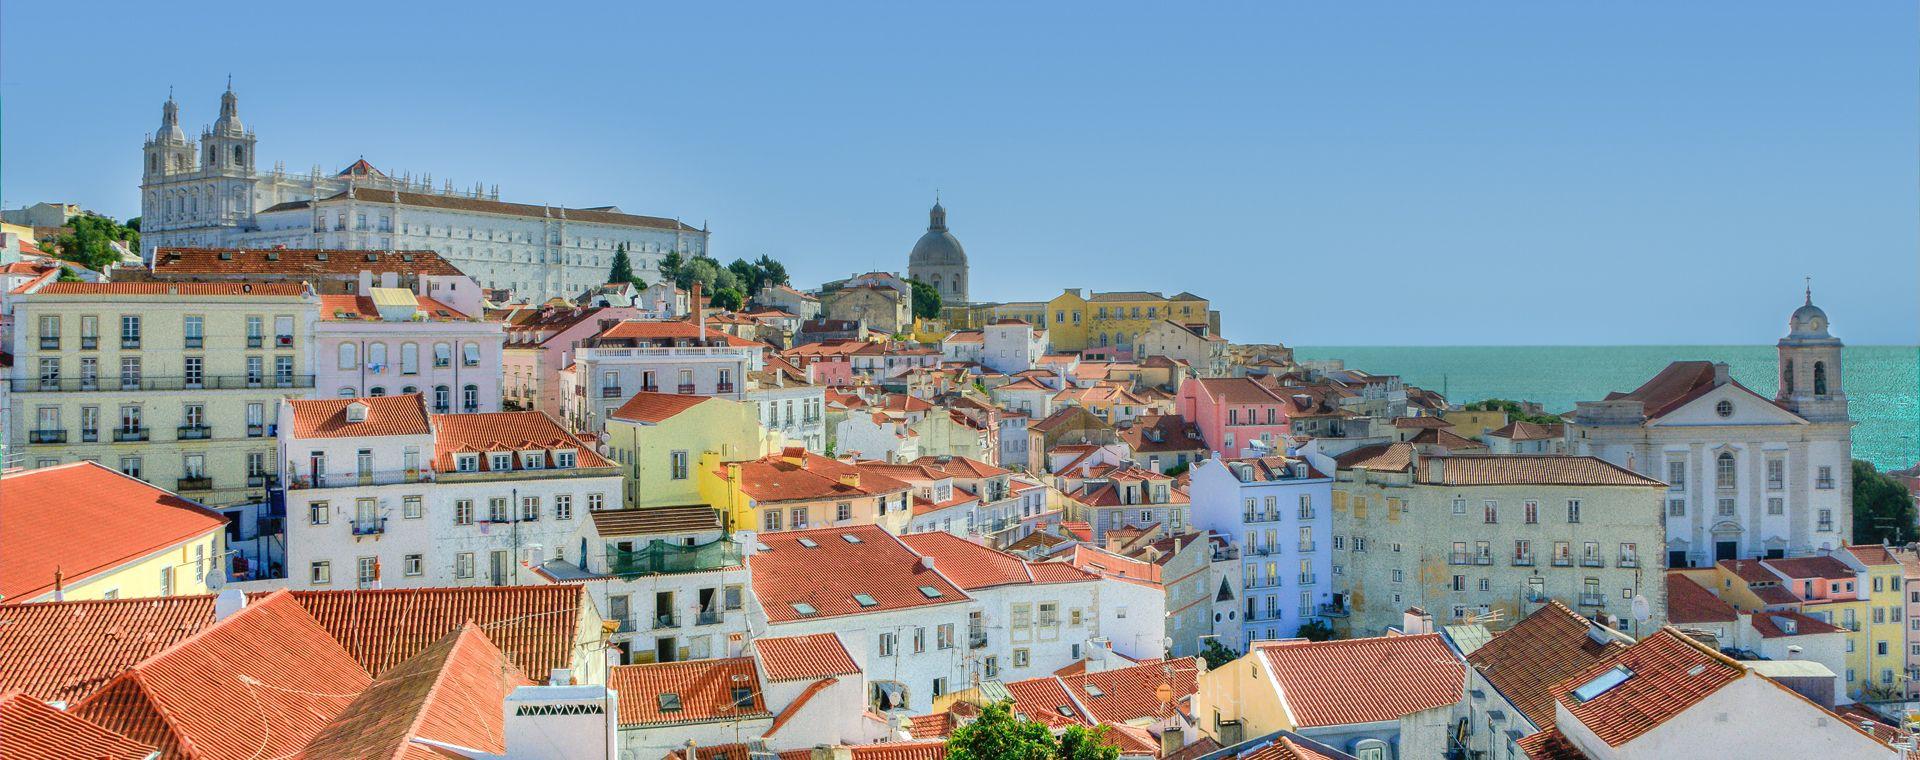 Image De Lisbonne à l'Algarve